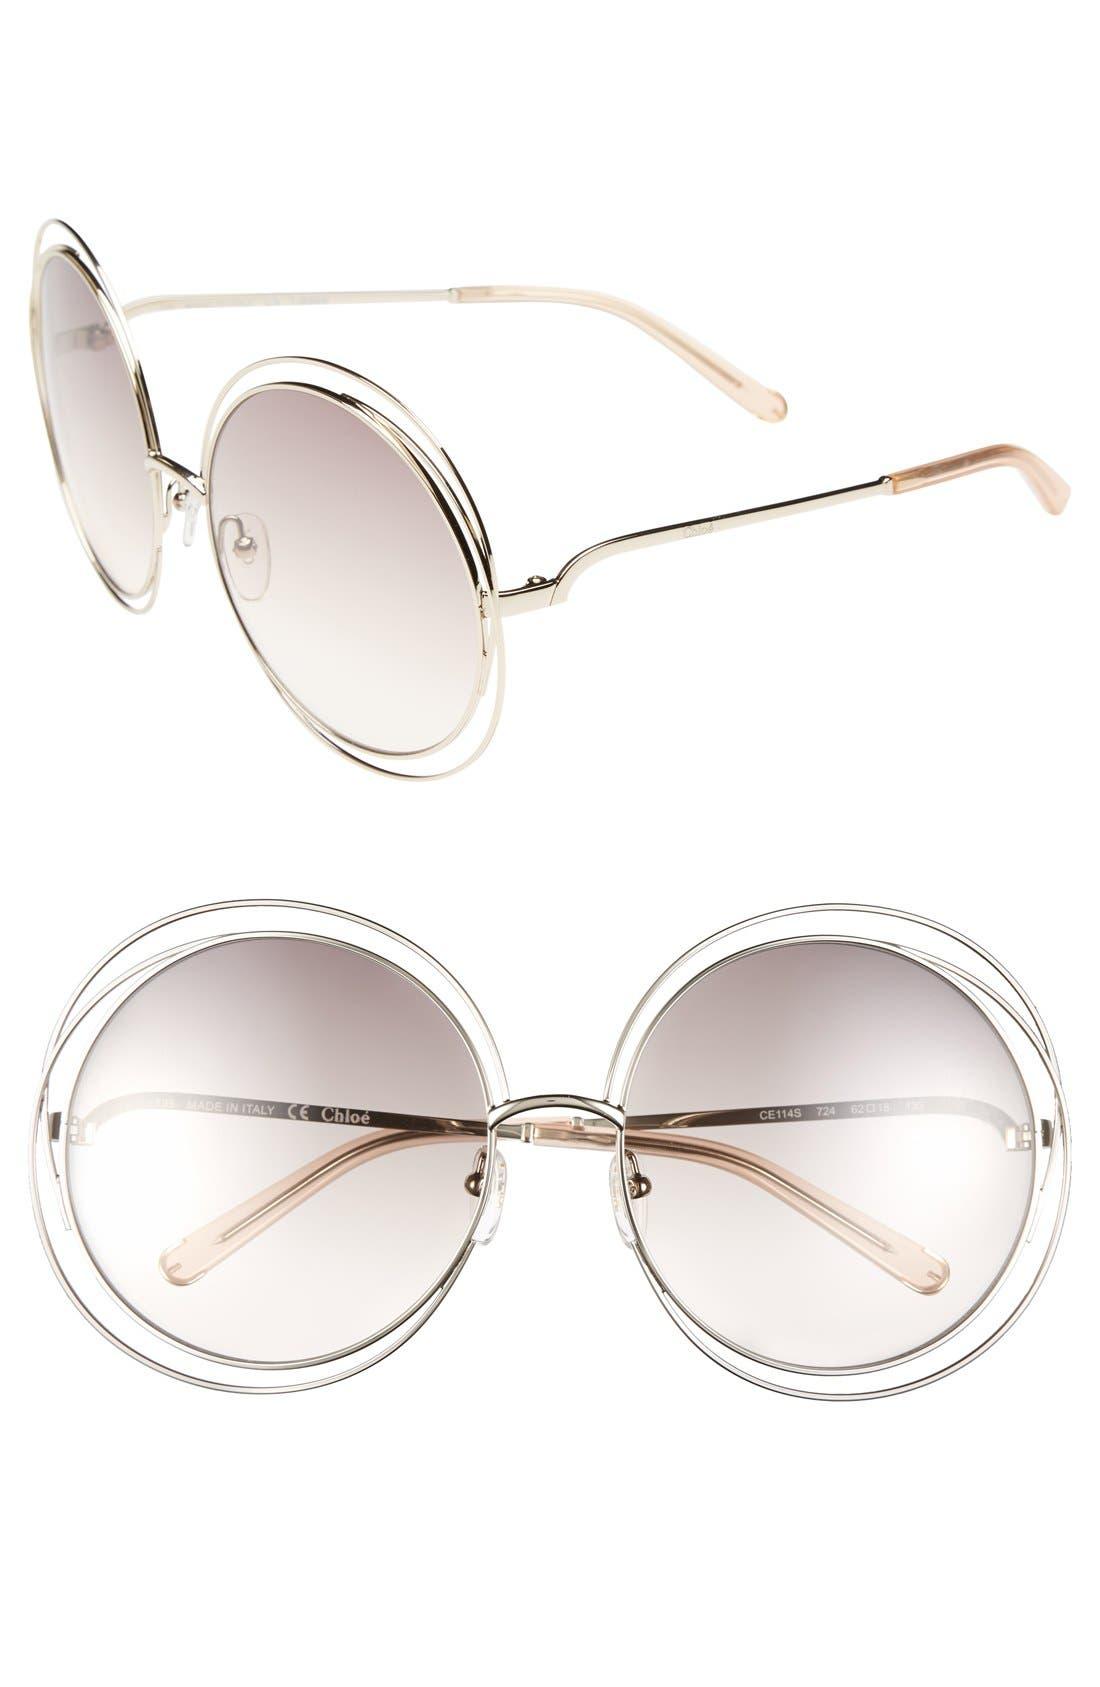 CHLOÉ,                             62mm Oversize Sunglasses,                             Main thumbnail 1, color,                             GOLD/ TRANSPARENT PEACH